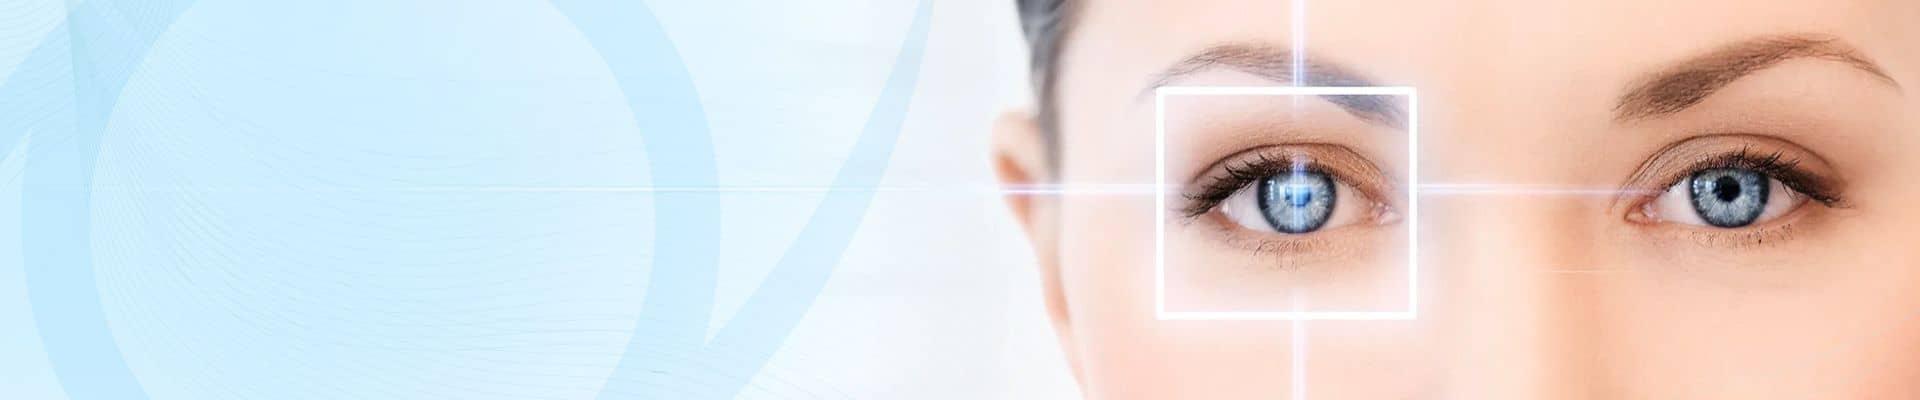 javult a látás távollátása a szem fáradtságának megelőzése